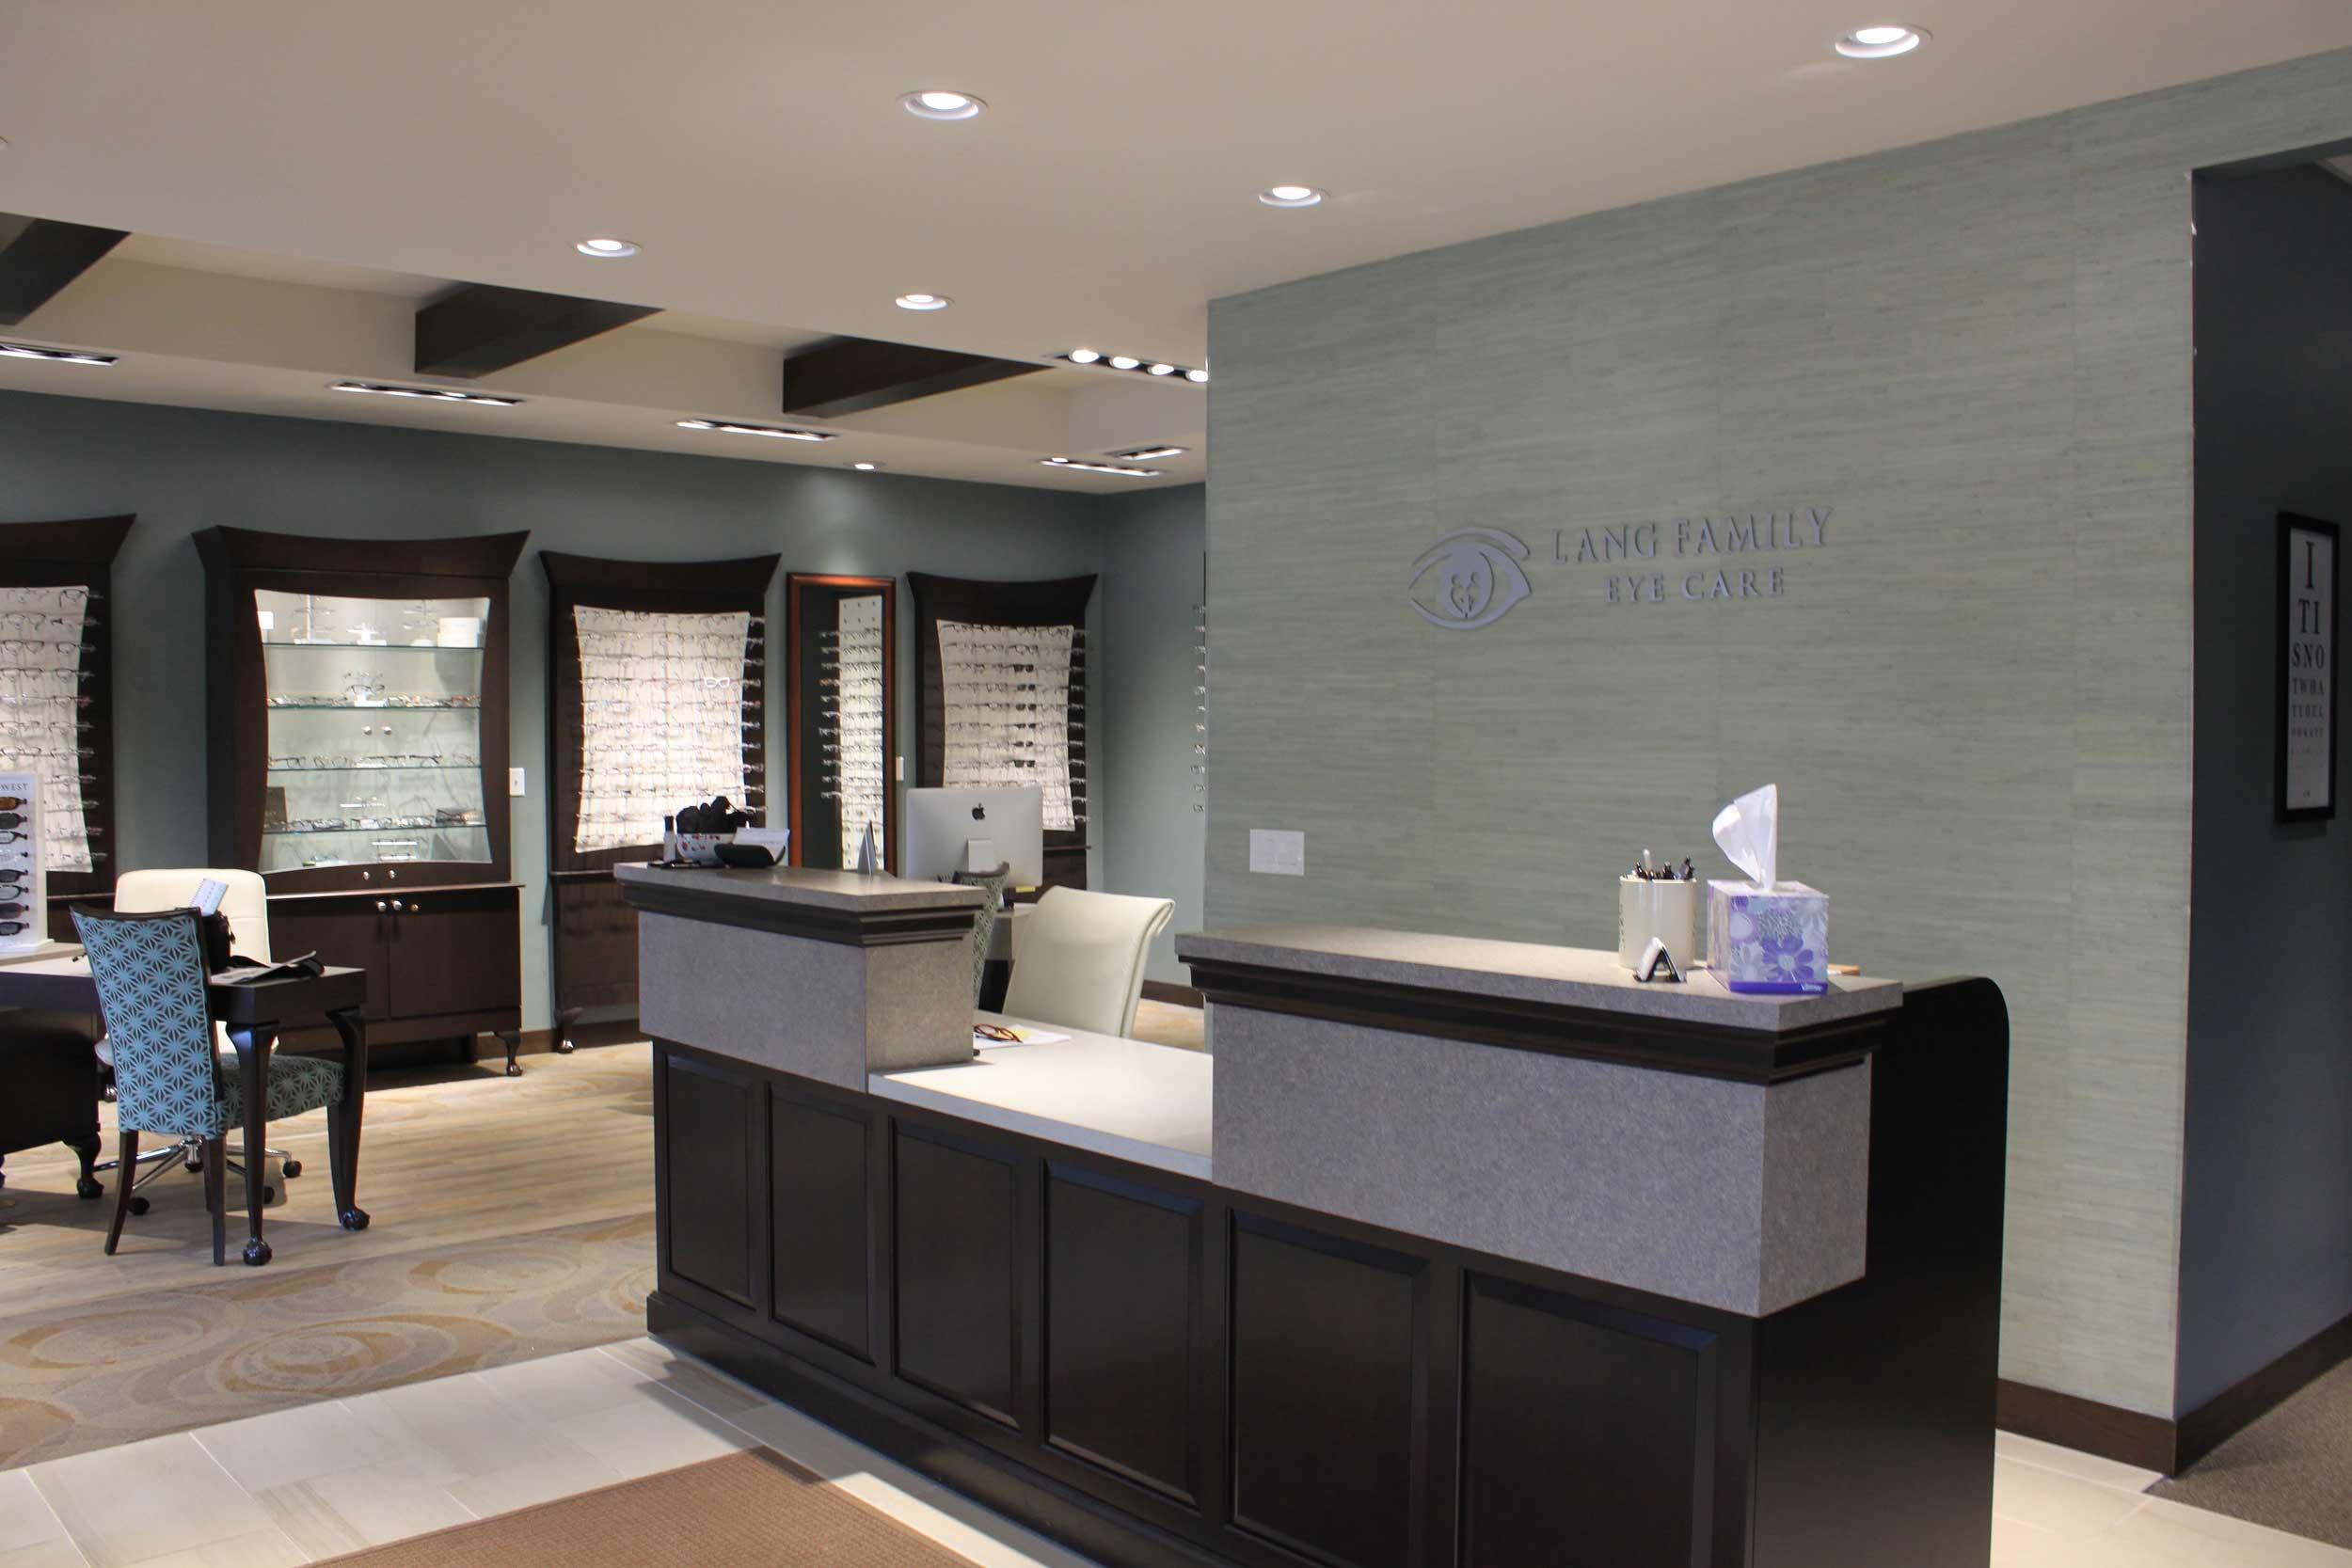 Lang-Family-Eye-Care-Office